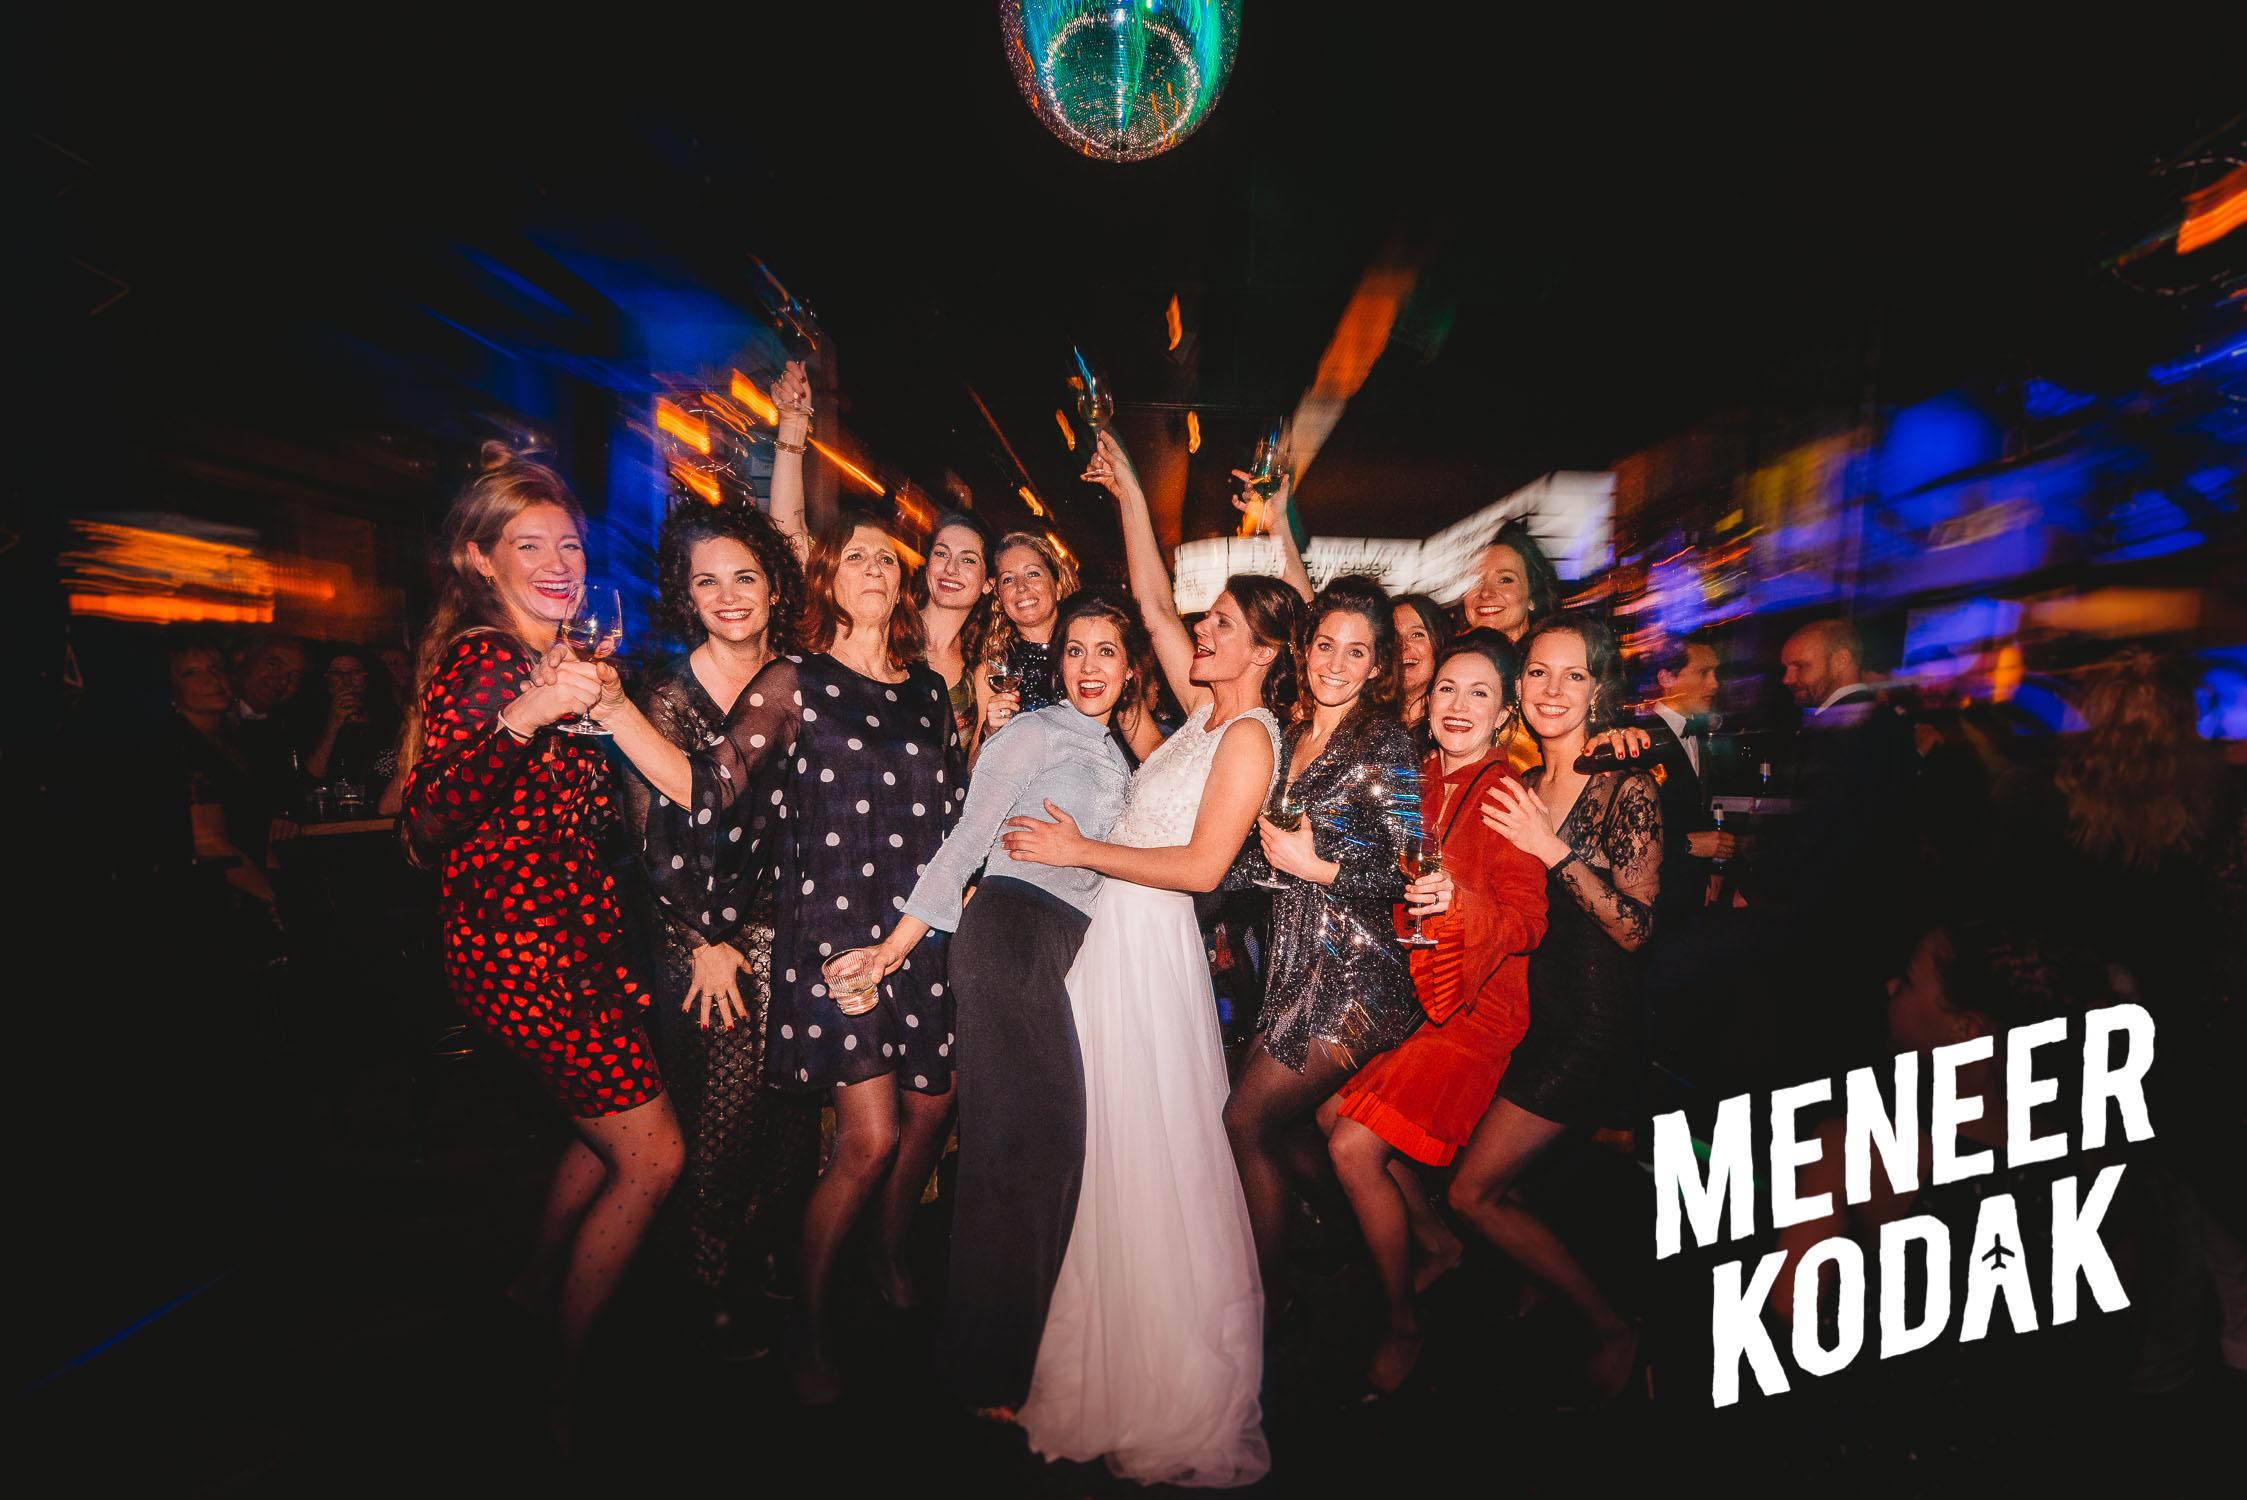 Meneer Kodak - Bruidsfotograaf - Breda - S&R-097.jpg